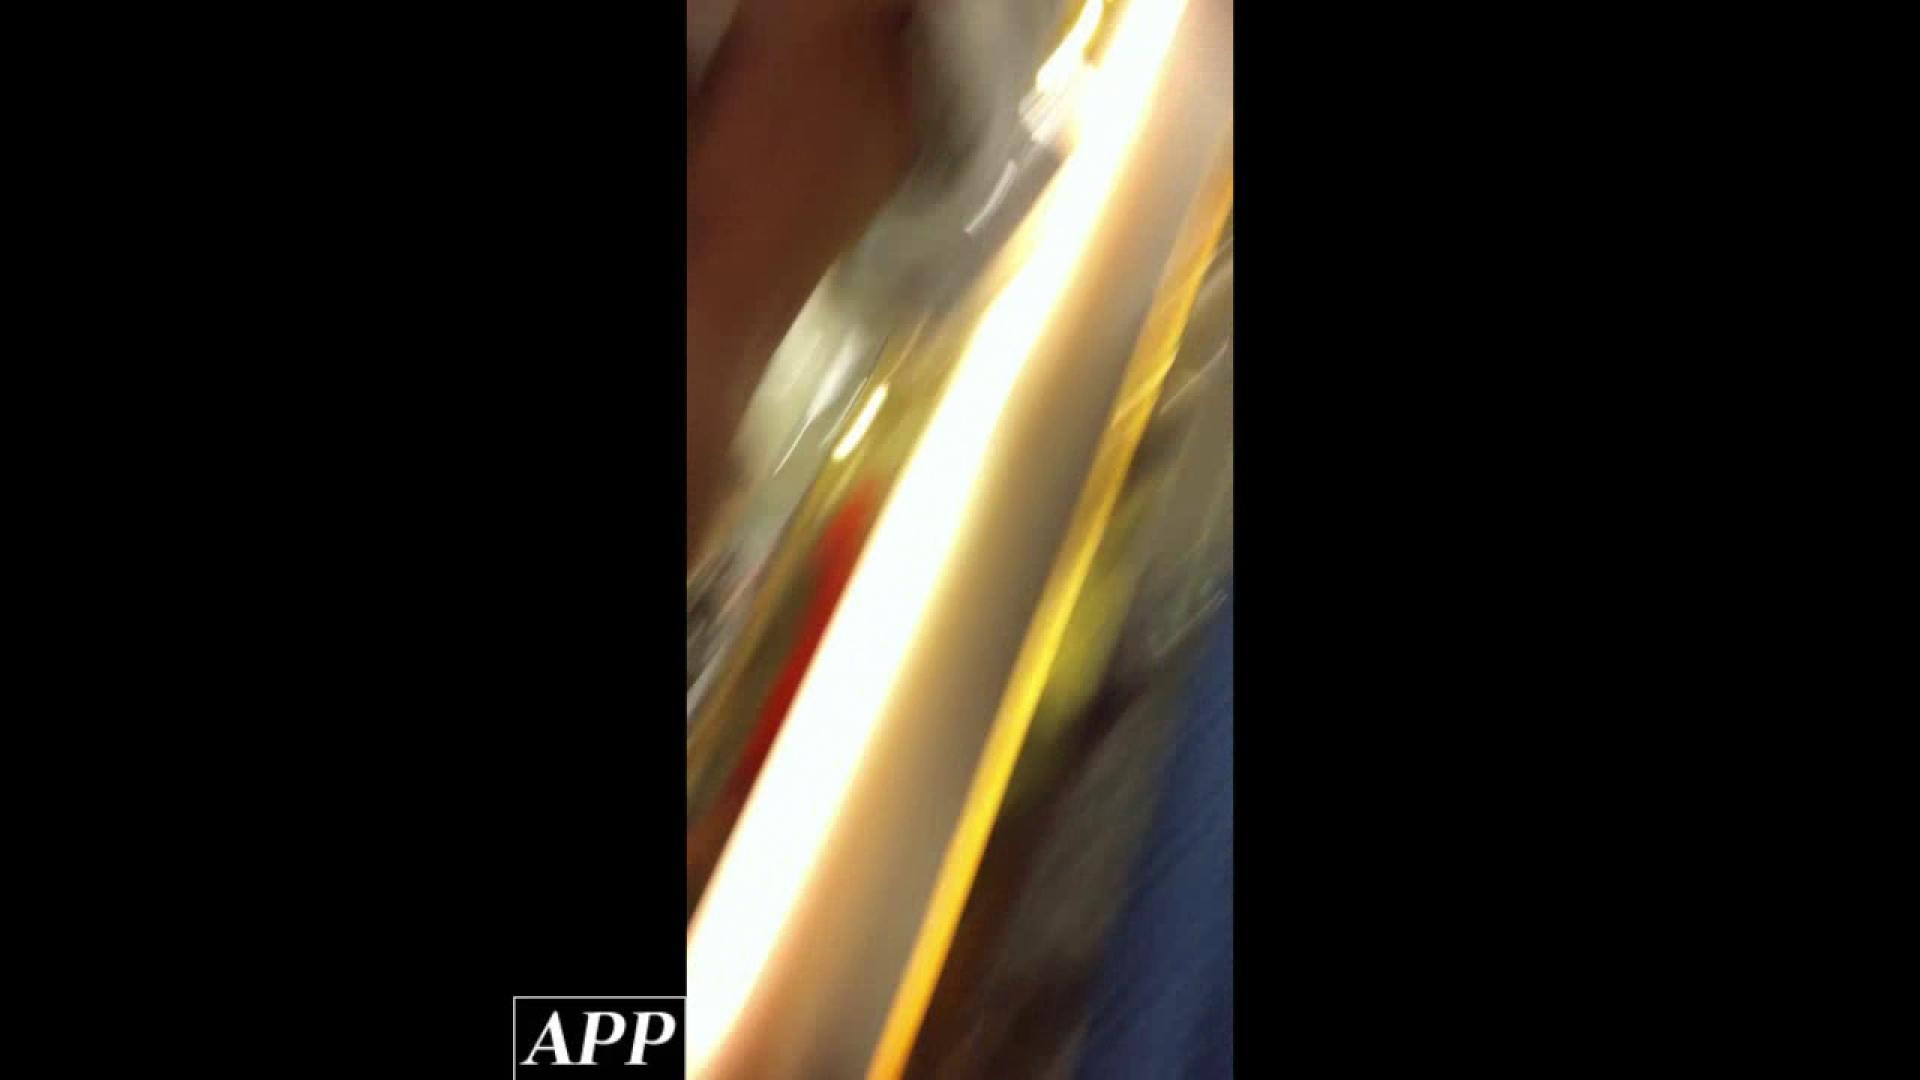 ハイビジョン盗撮!ショップ店員千人斬り!胸チラ編 vol.81 盗撮師作品 AV無料動画キャプチャ 74pic 62